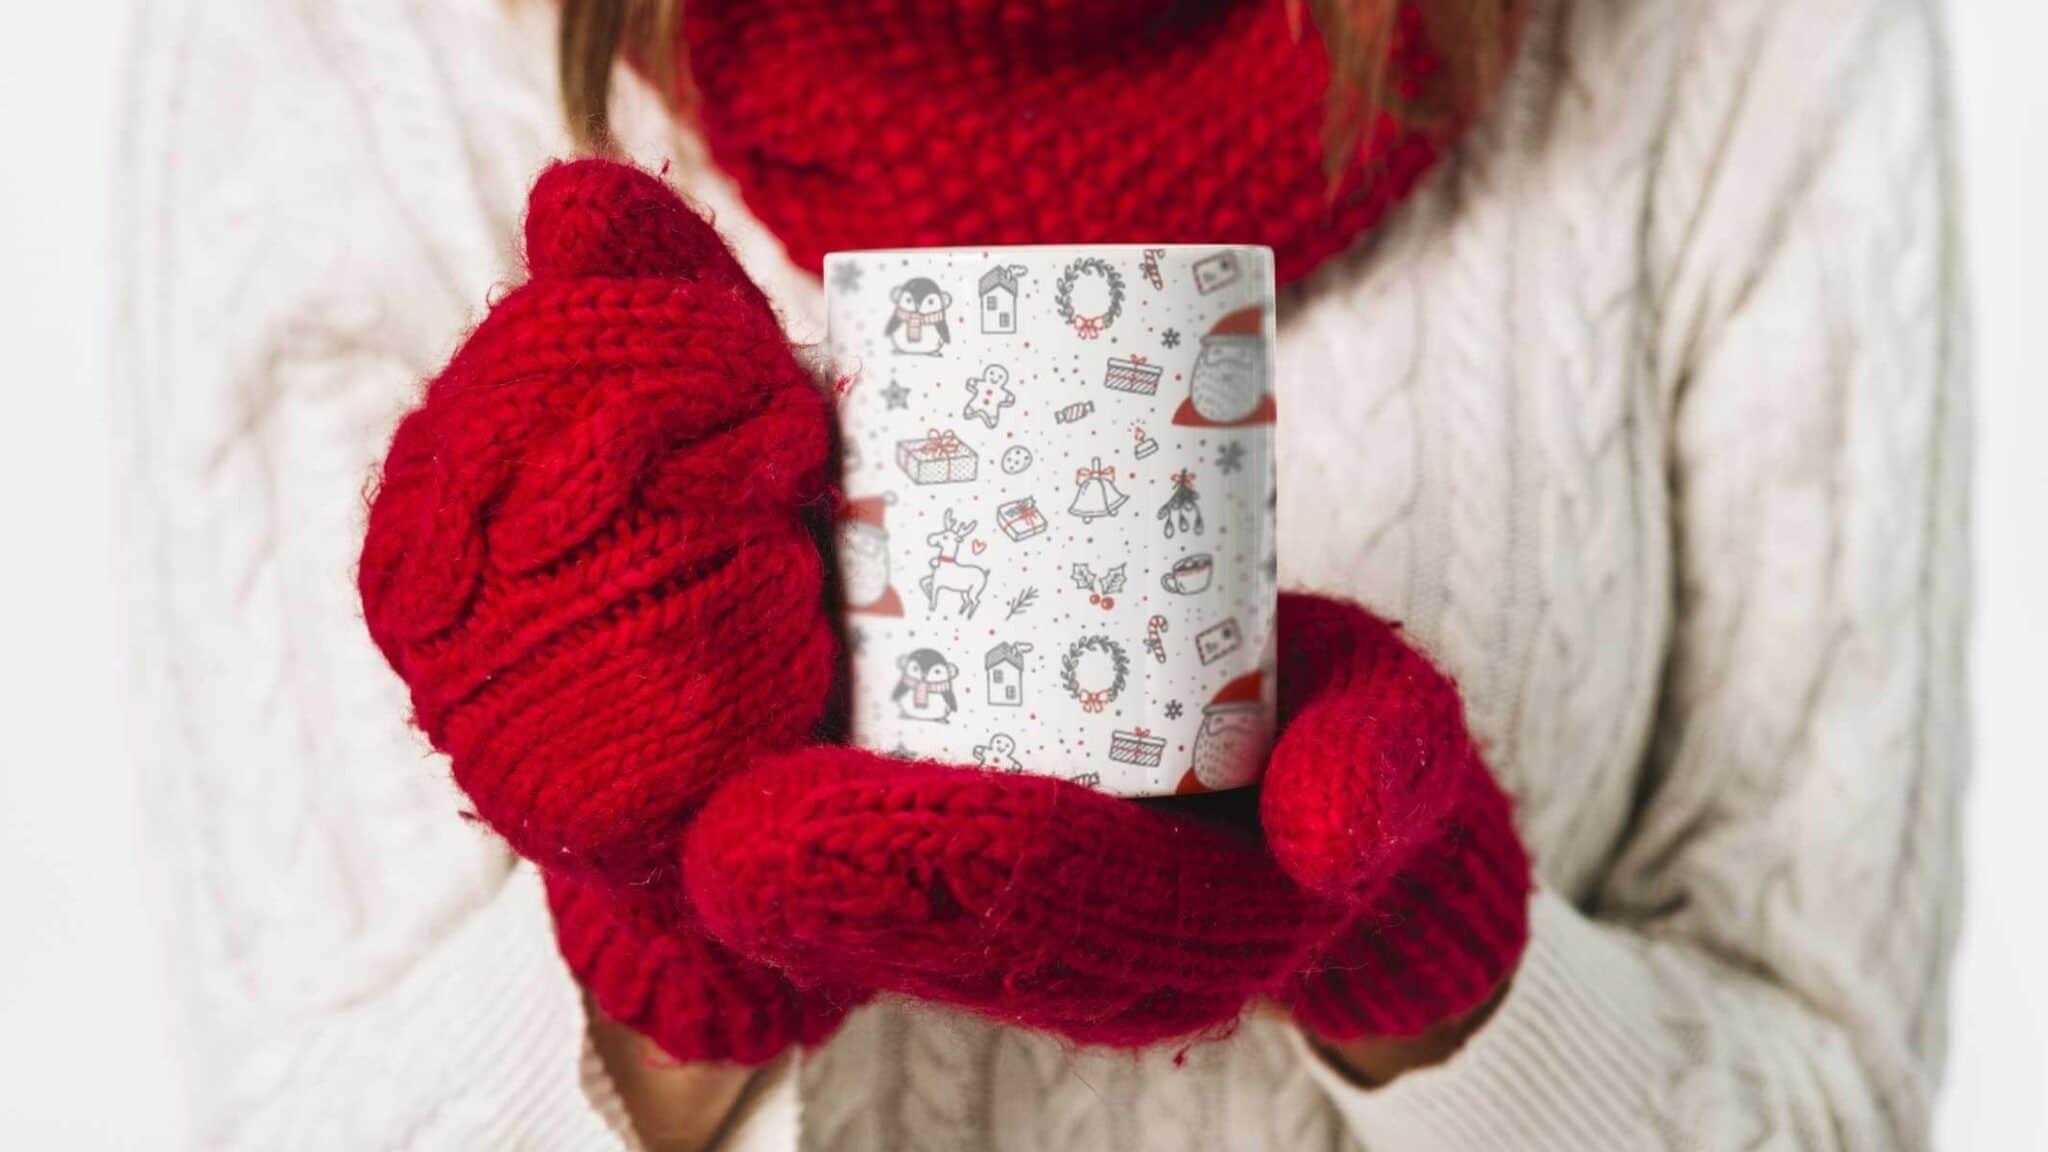 Bílý keramický vánoční hrnekBrno 2019